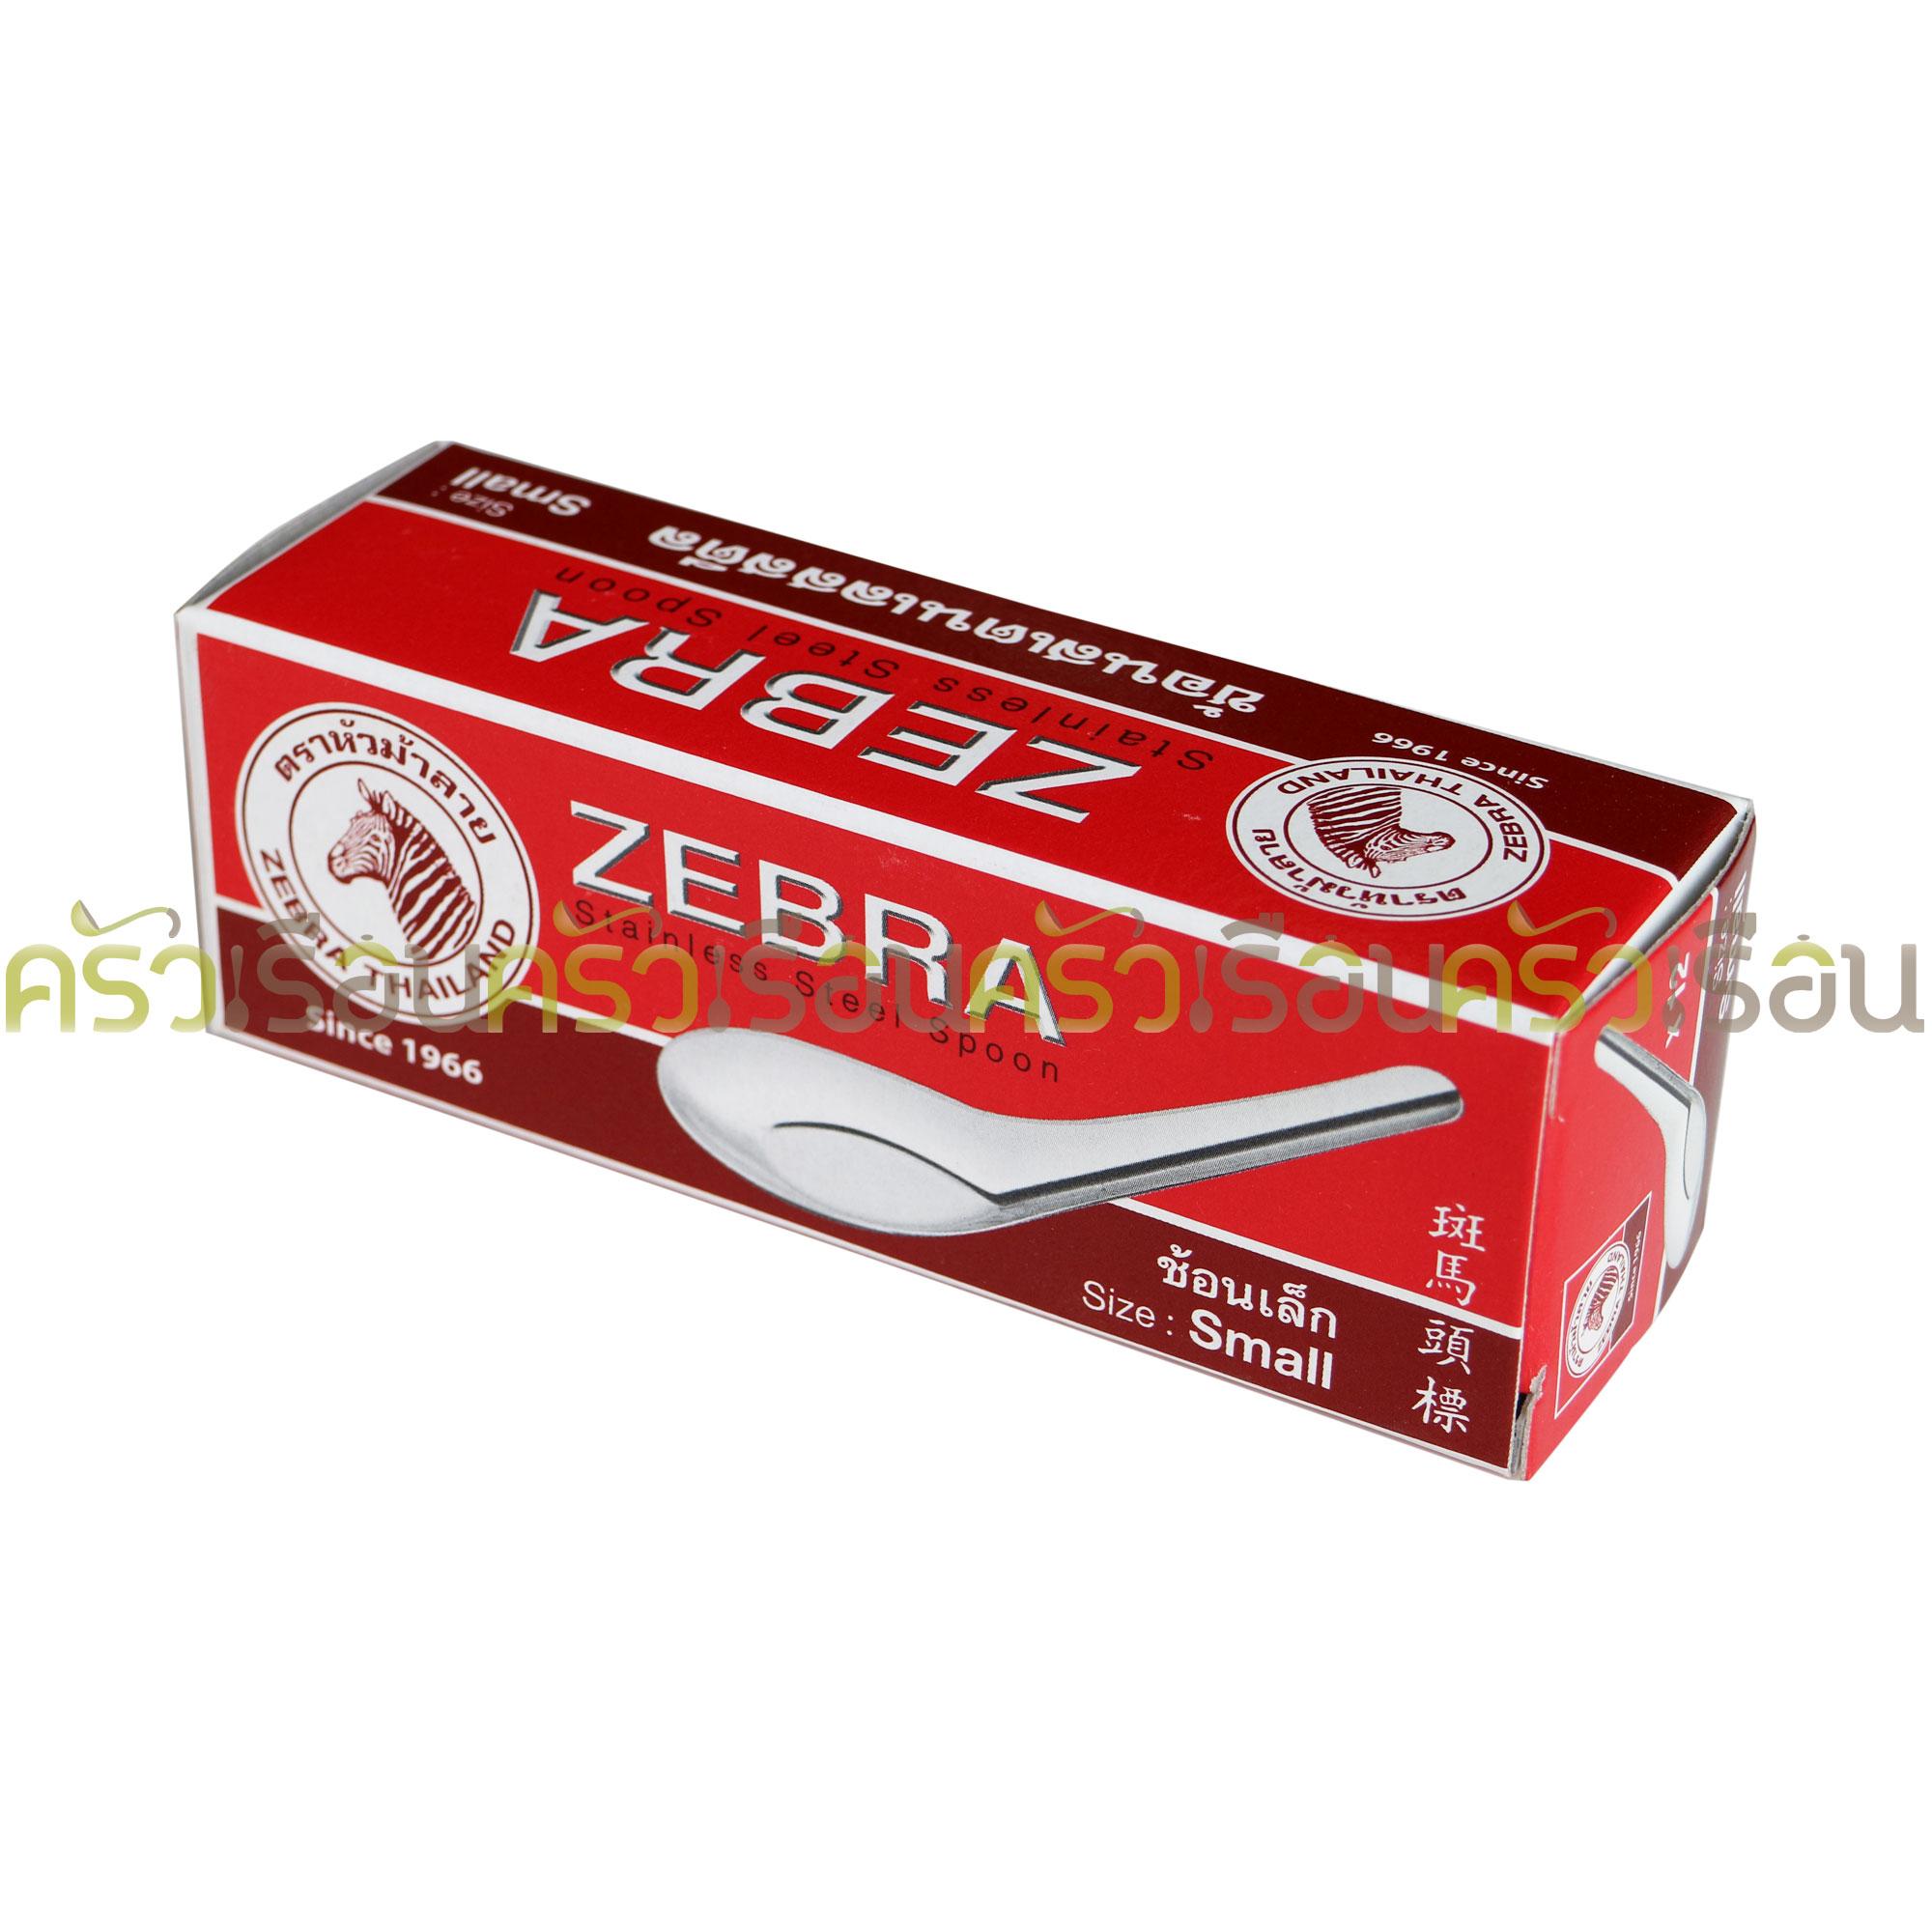 Zebra - ช้อนหัวม้าลายเล็ก แพ็ค 12 คัน 100100